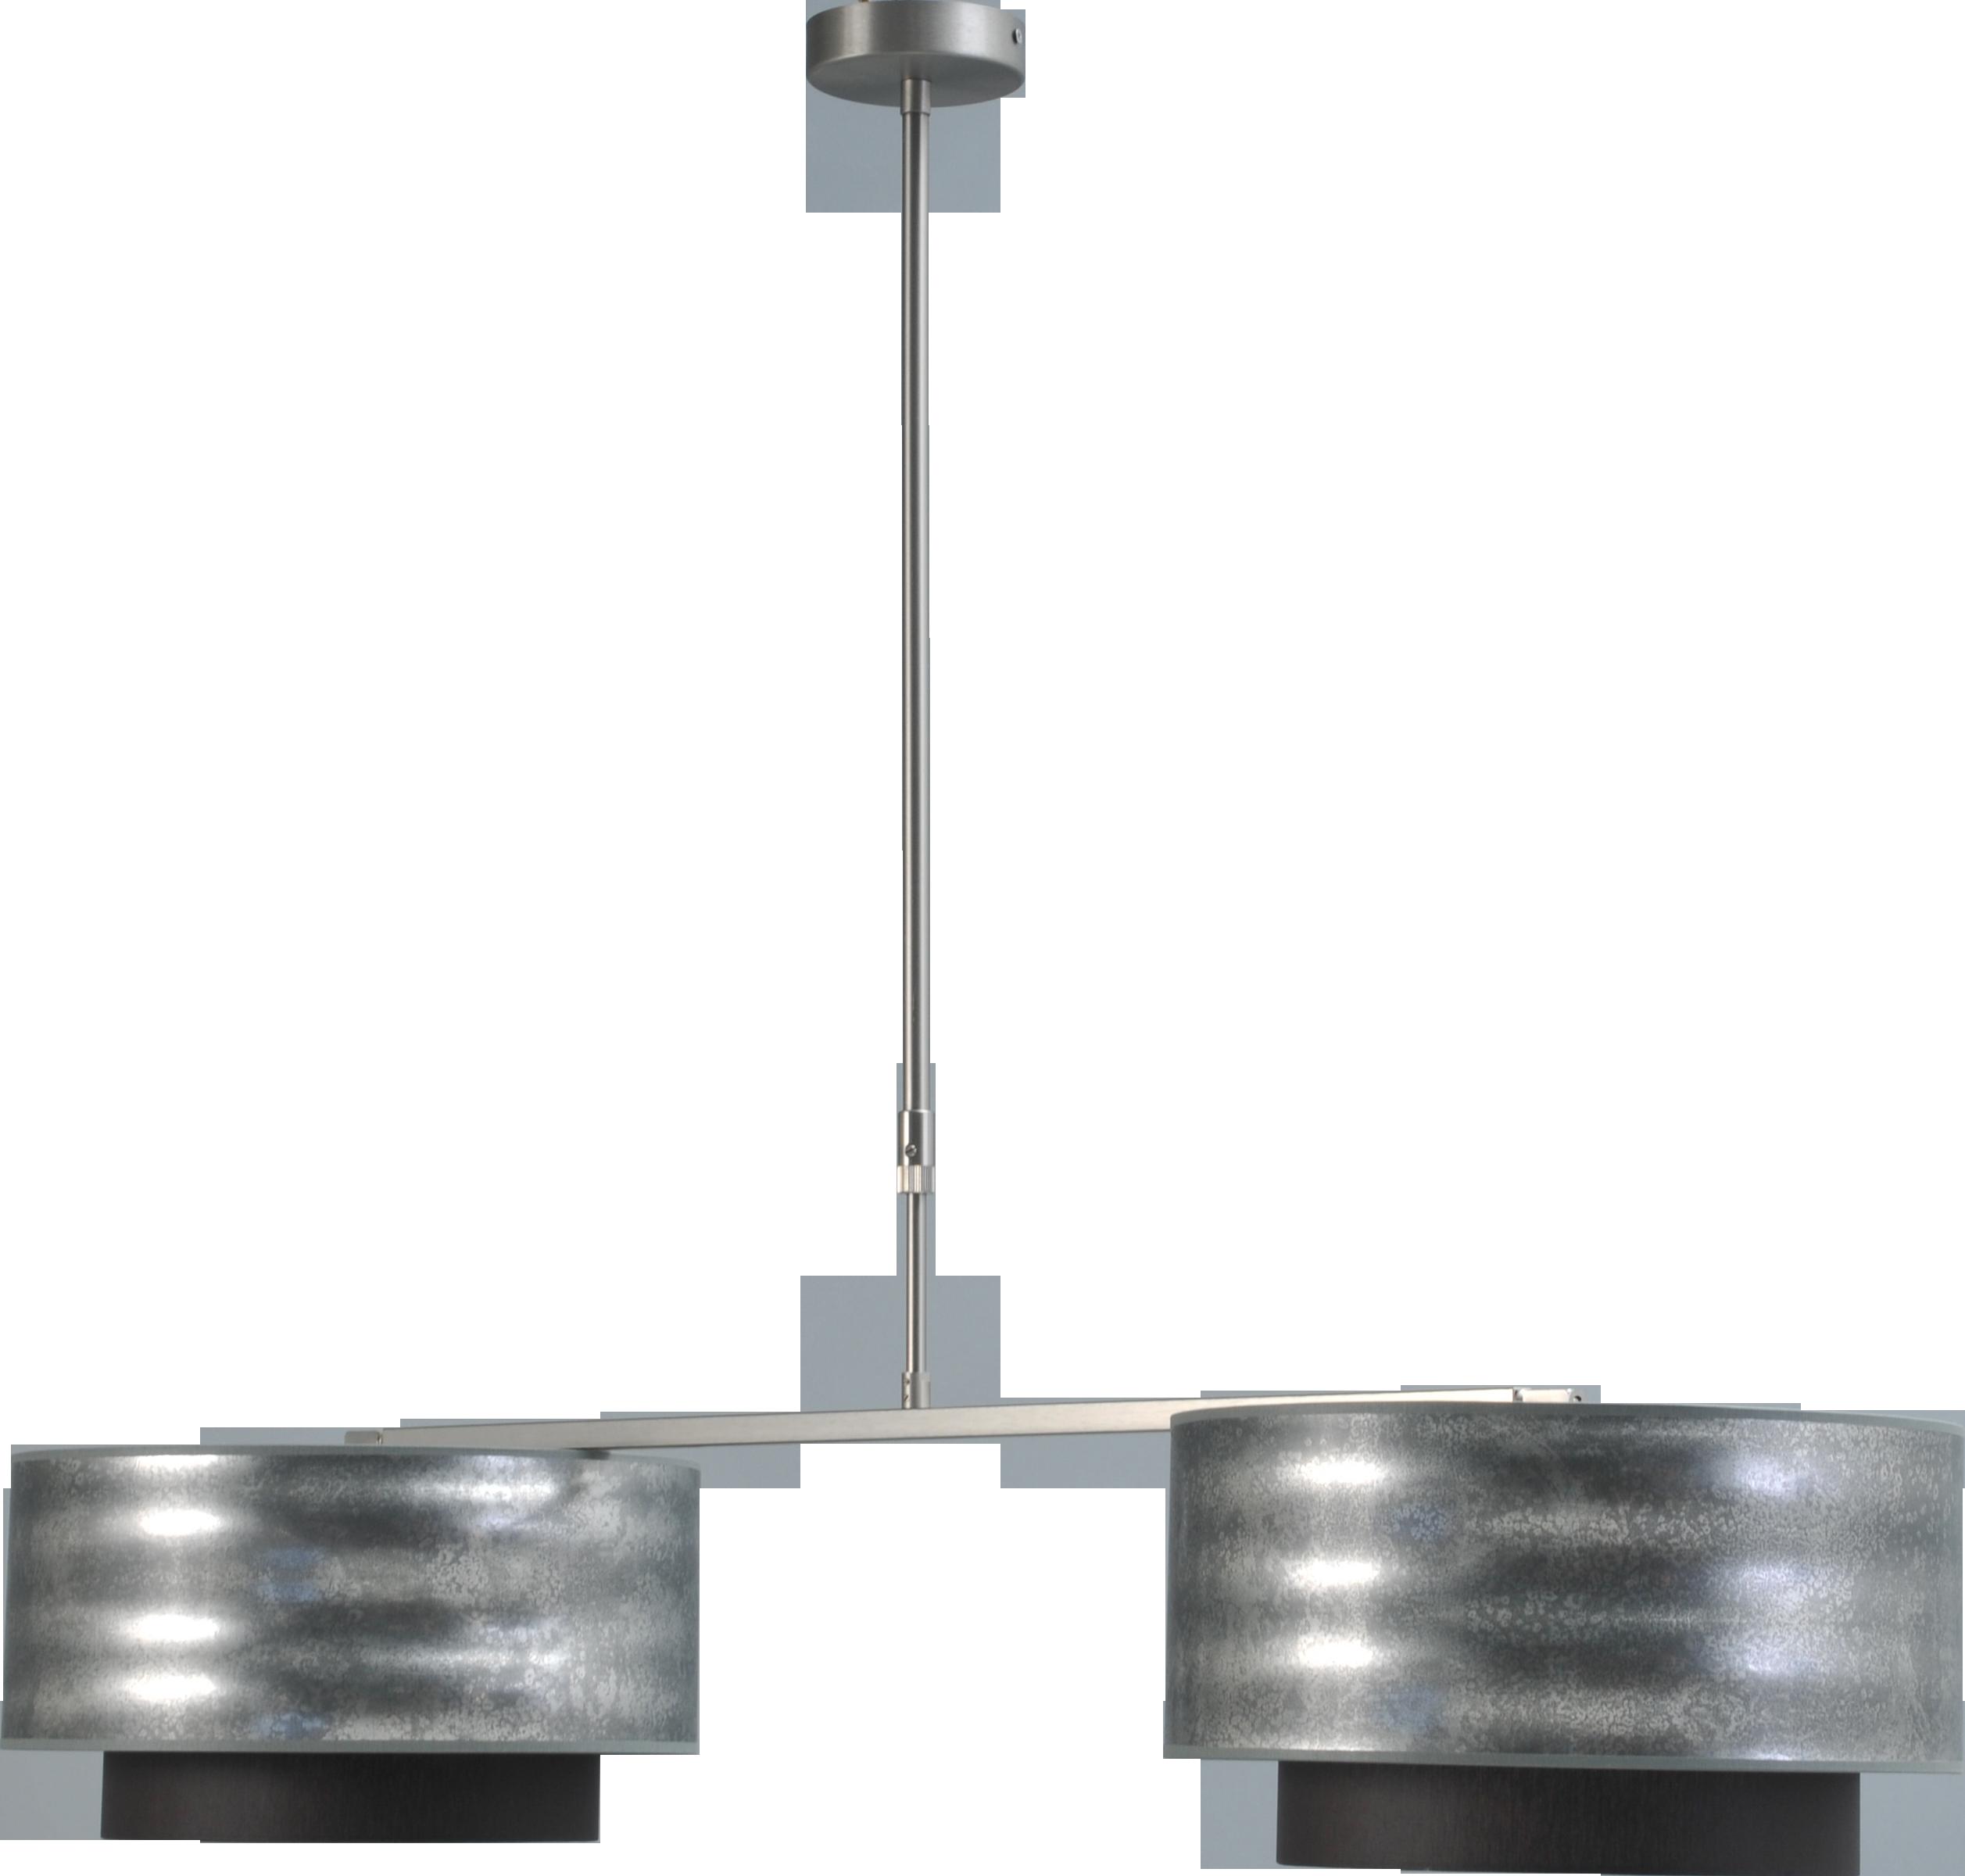 Dopler HL DOPLER NIKKEL 2LTS BR.78CM 2X KNIKGEWRICHT